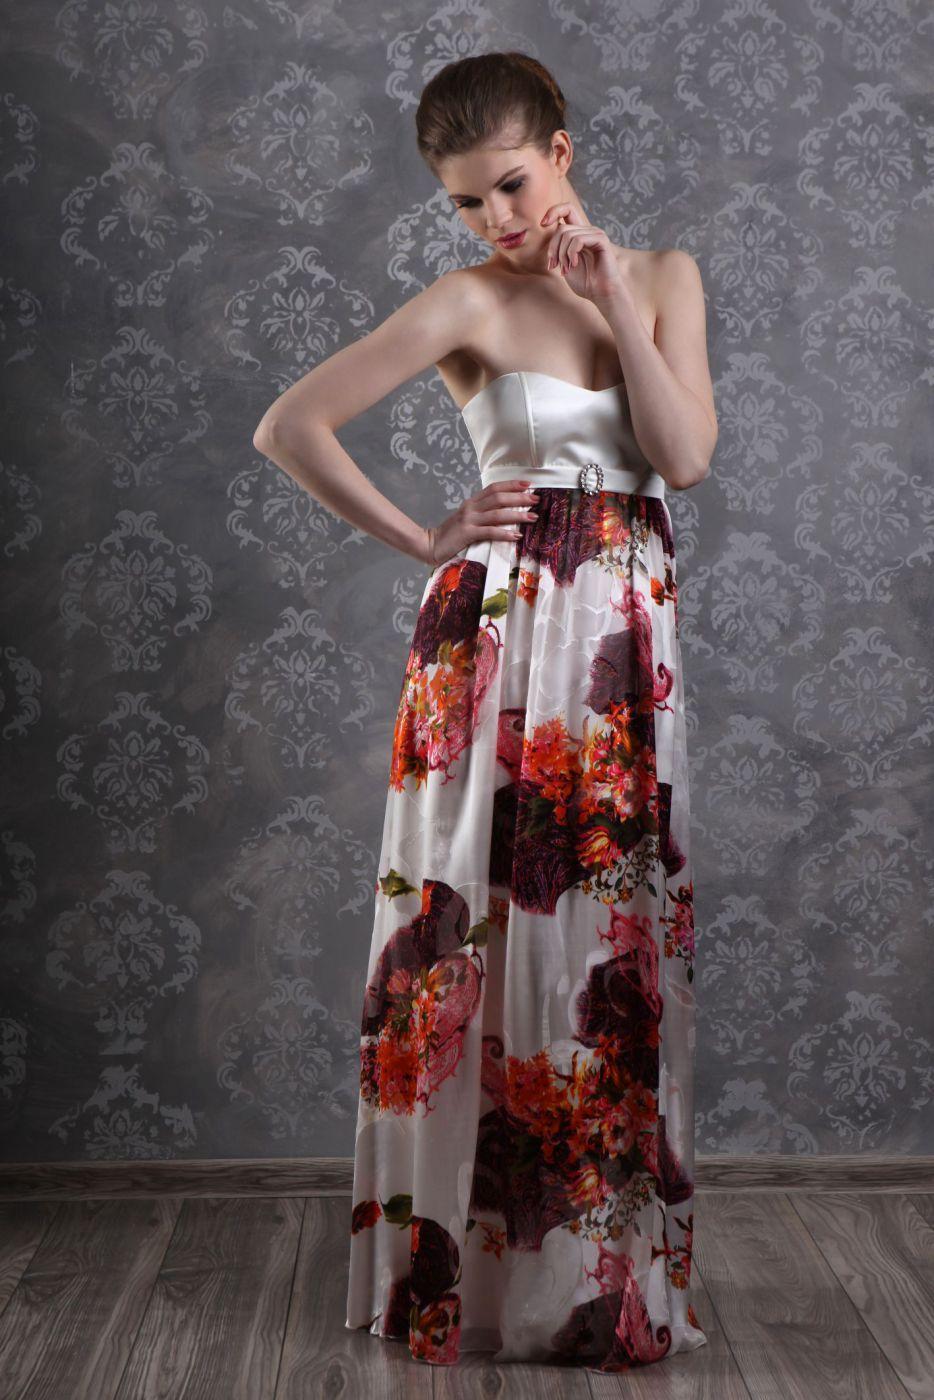 Sommerliches Abendkleid luftig und leicht - Kleiderfreuden